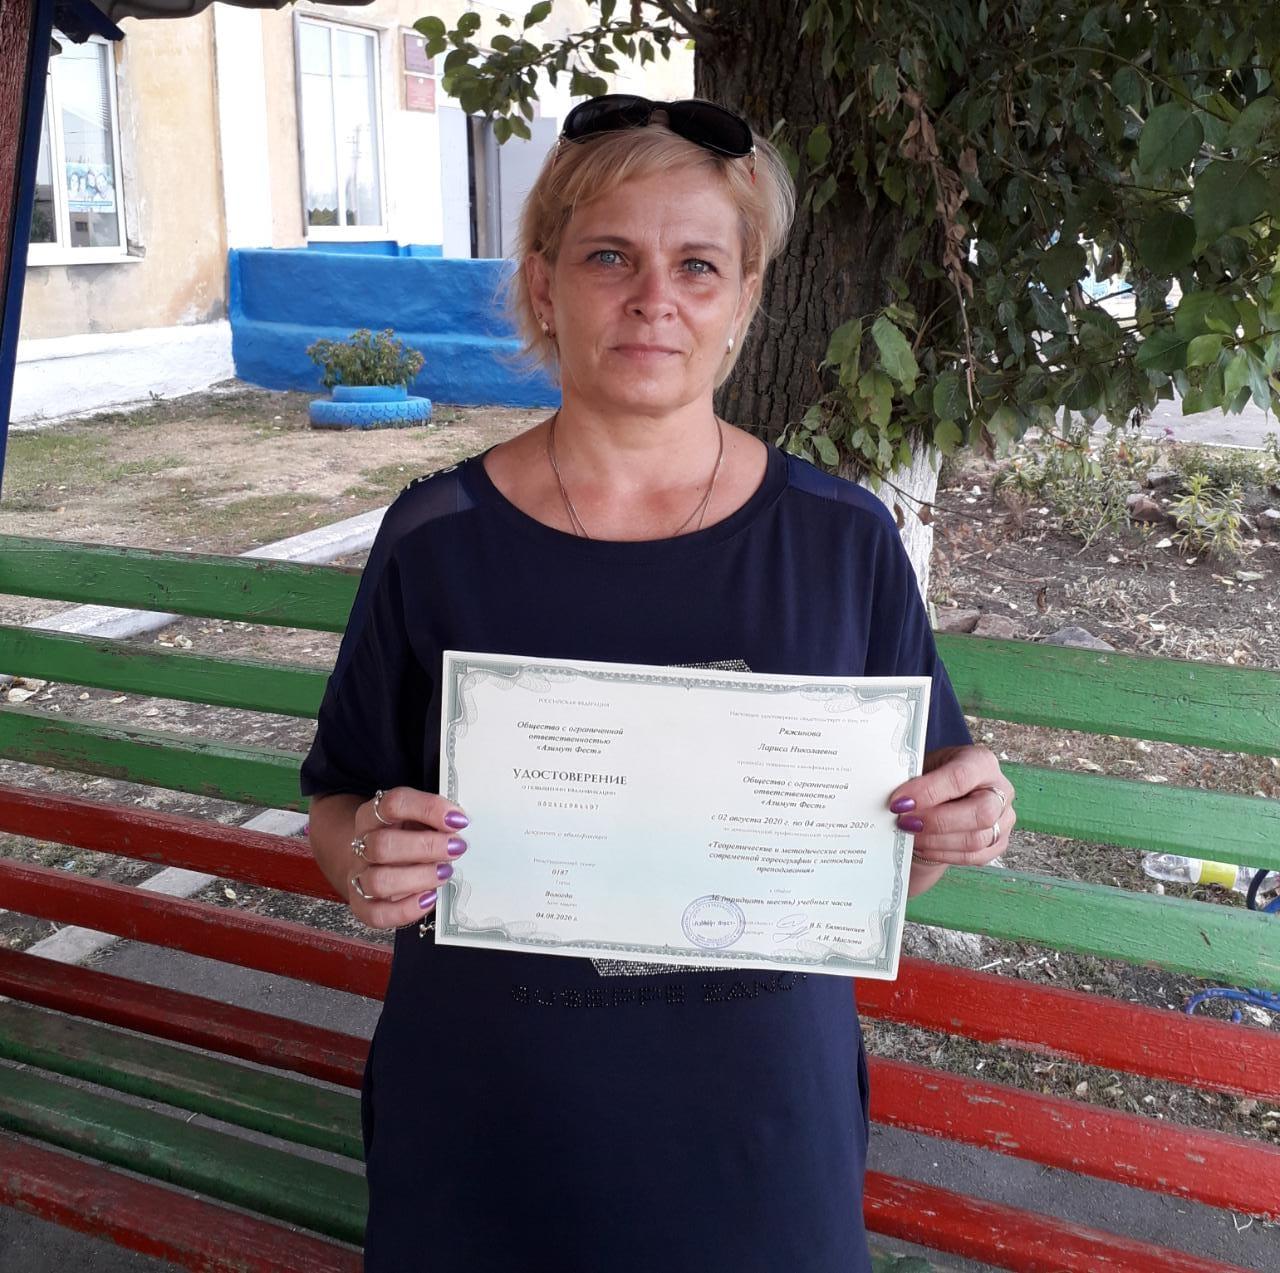 Удостоверения о повышении квалификации хореографов получили 7 работников МКУК «РКДЦ»